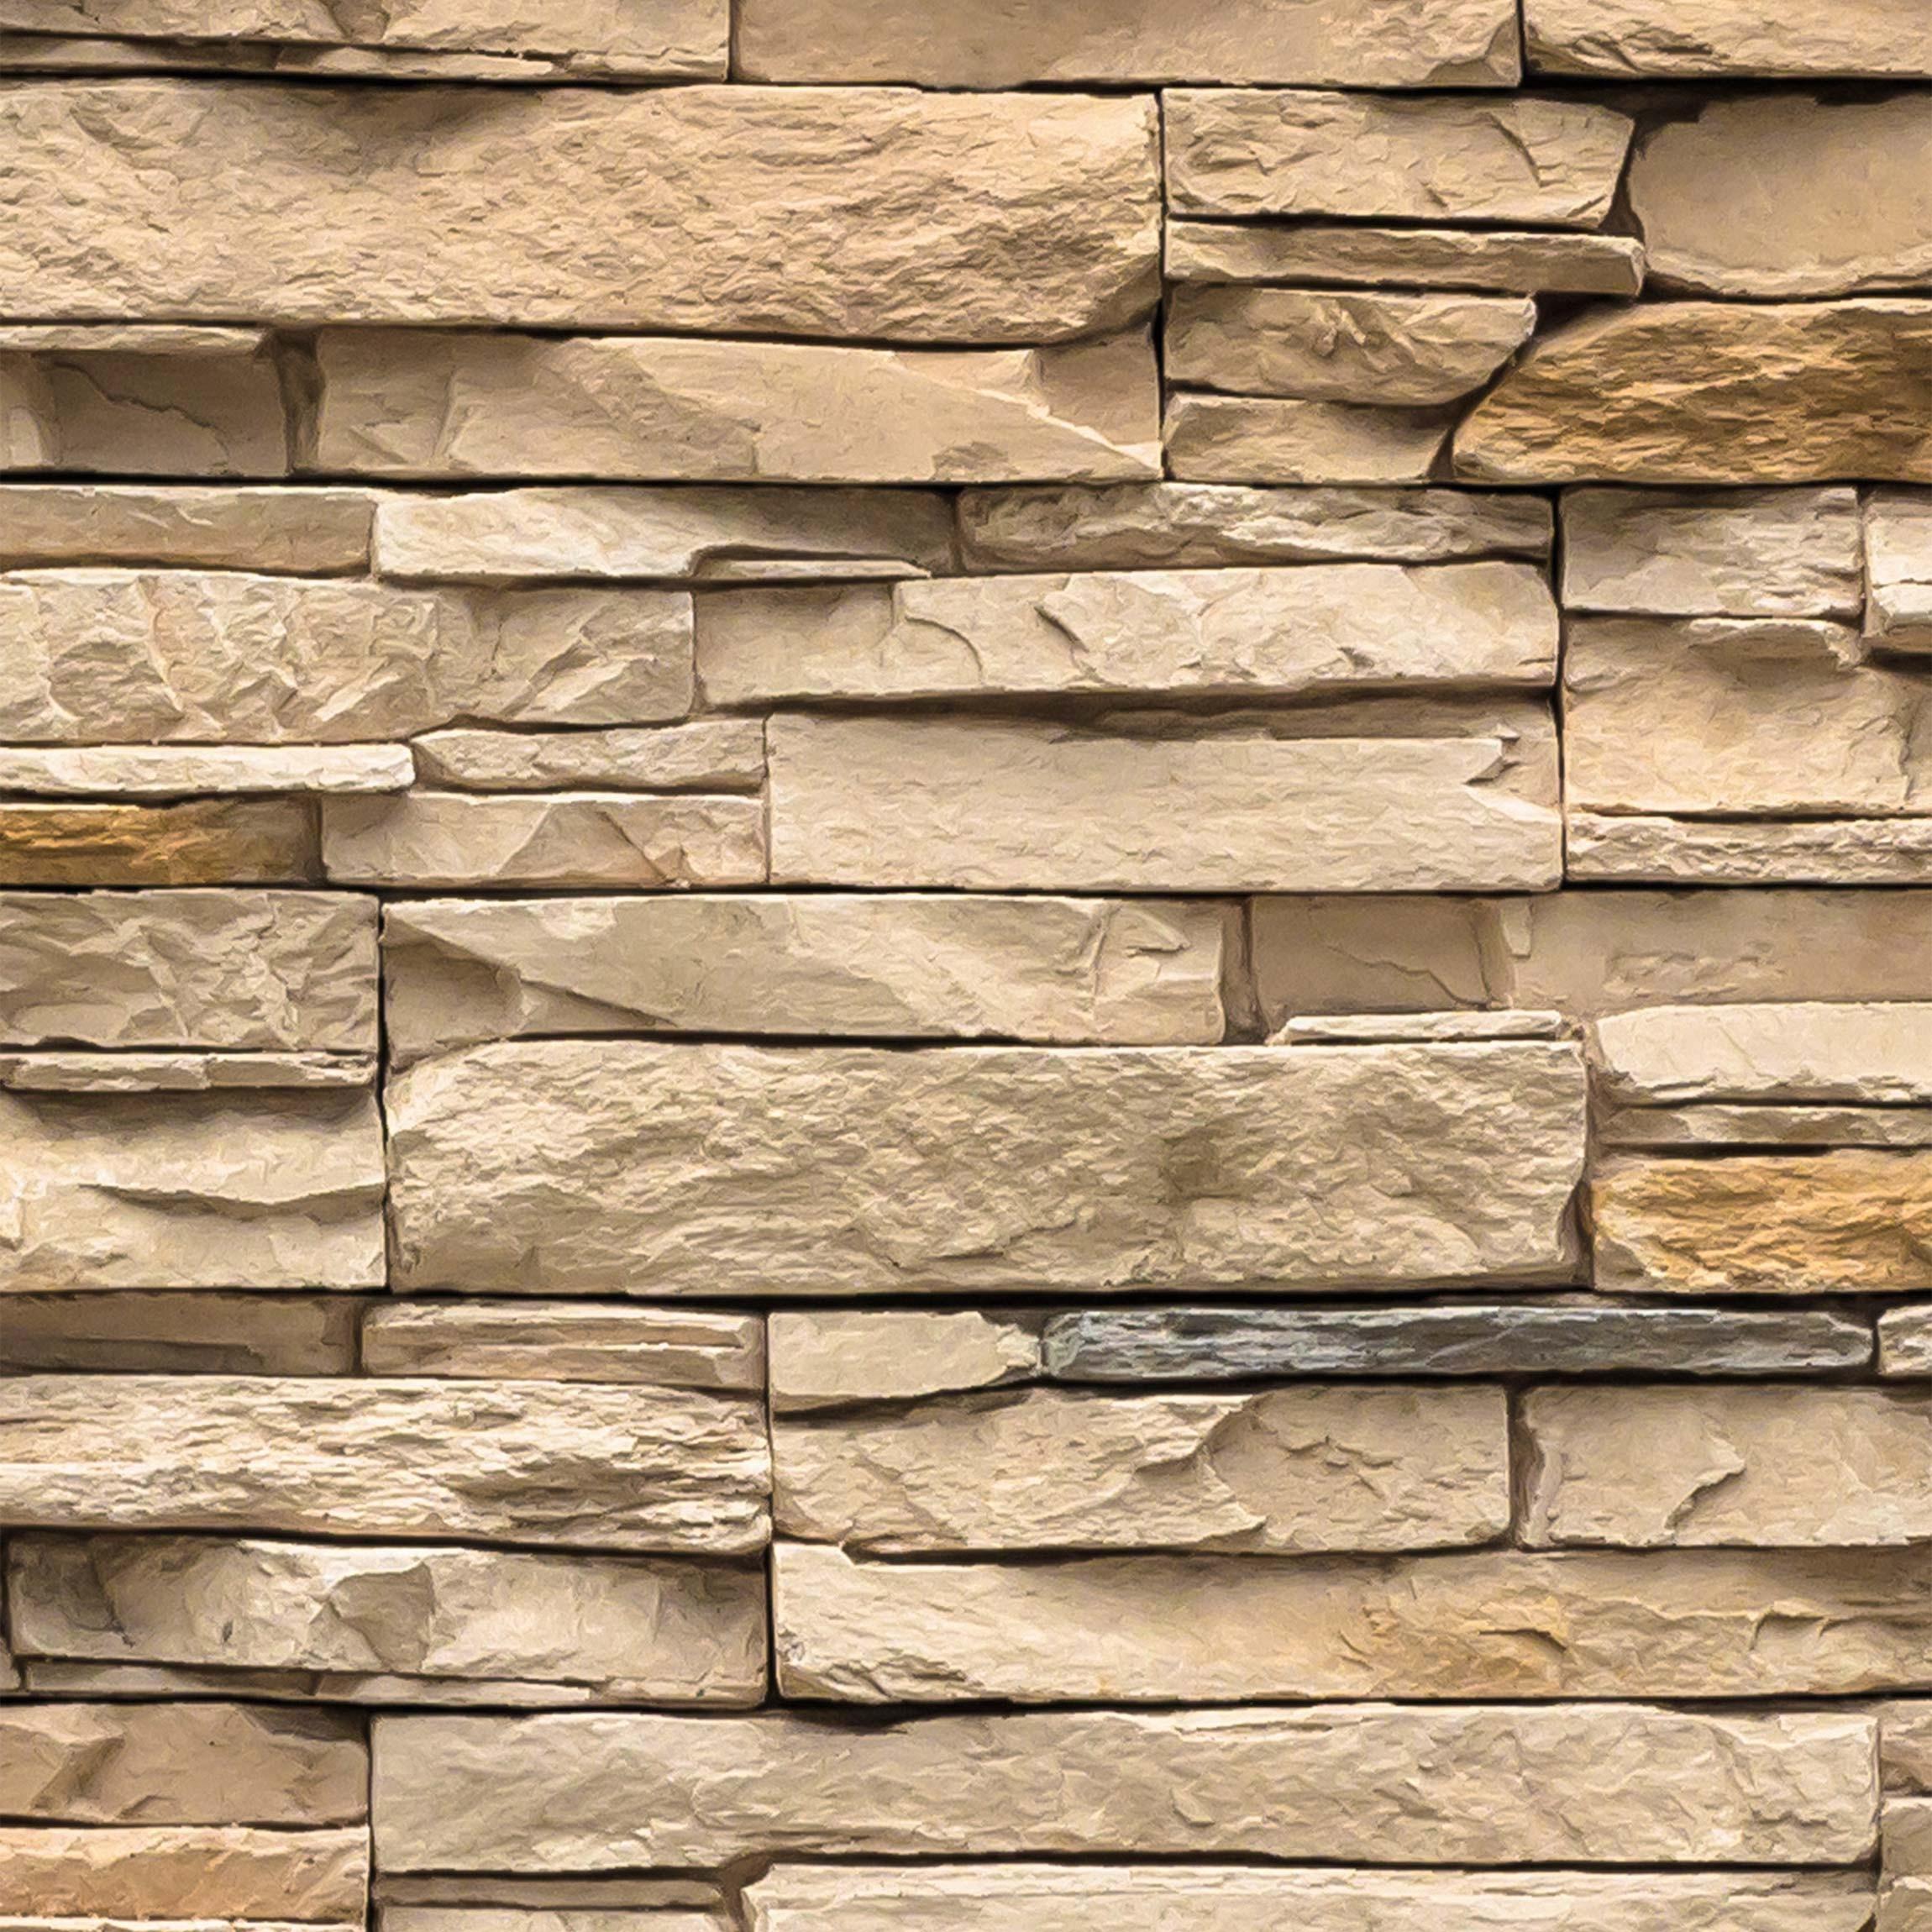 Steinfolie andalusia stonewall klebefolie stein for Klebefolie stein muster